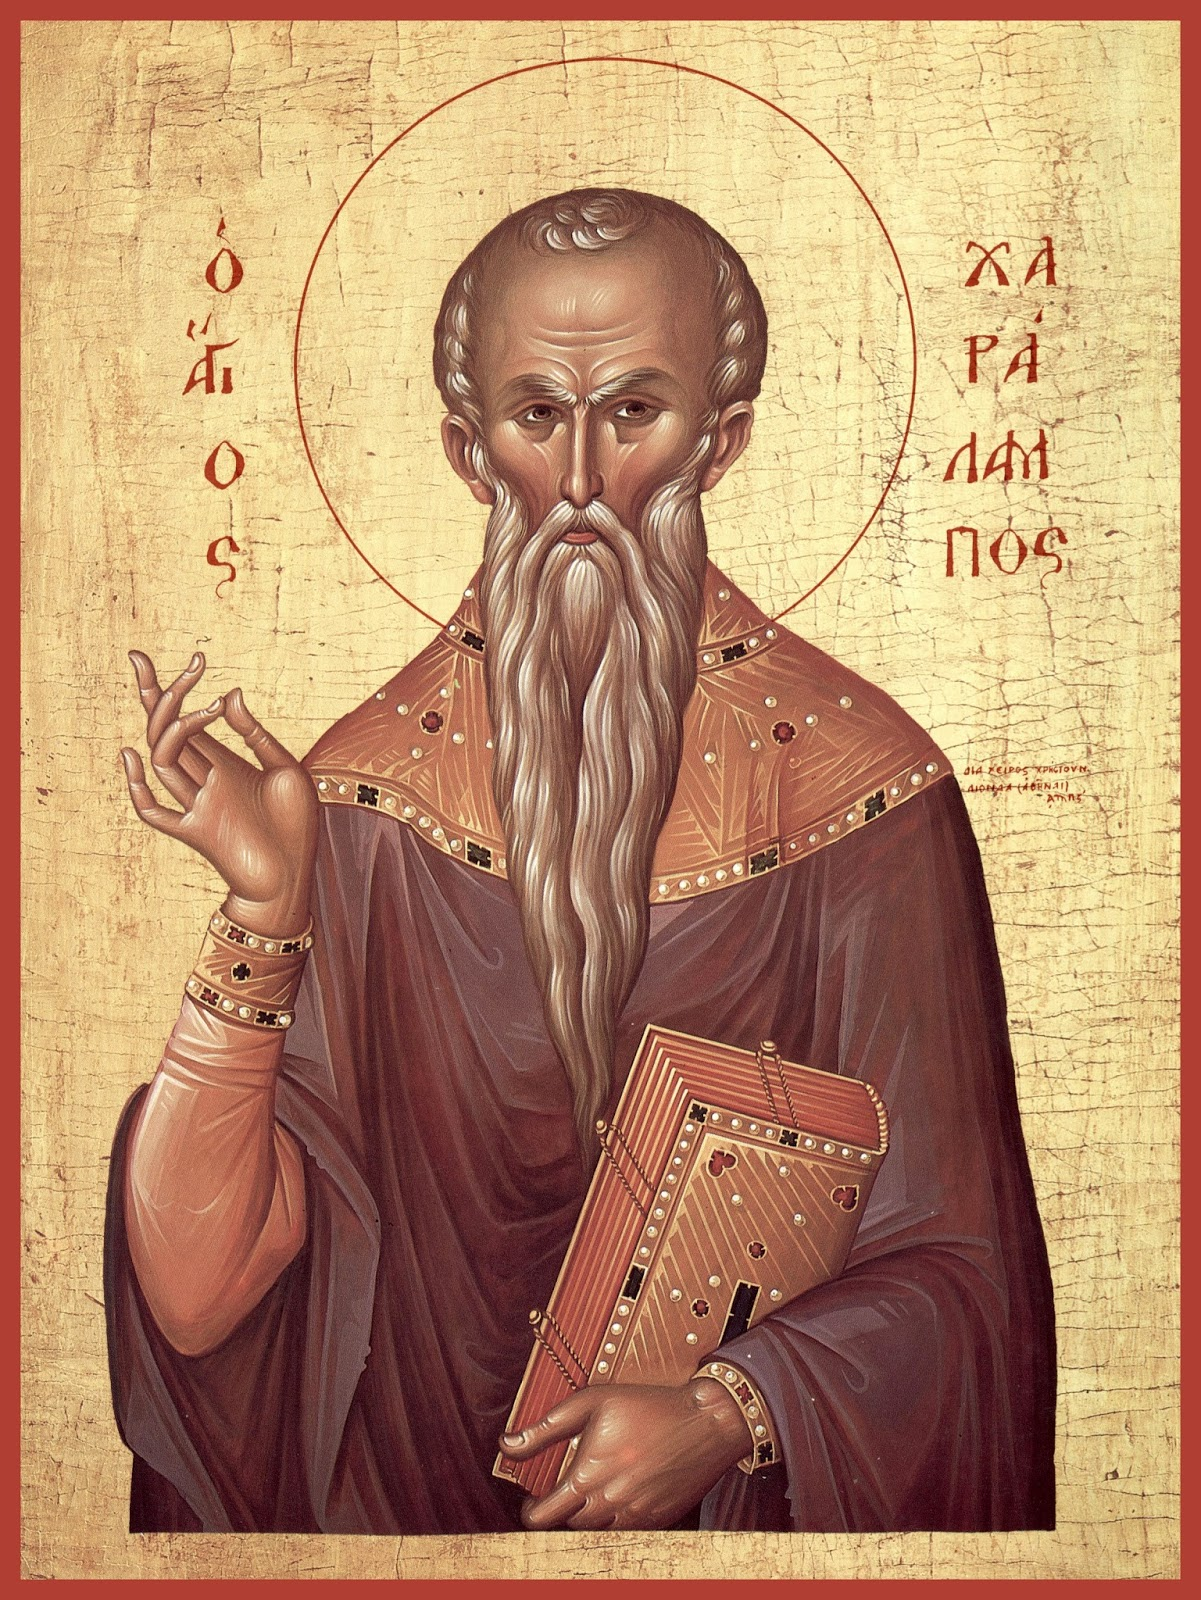 """Результат пошуку зображень за запитом """"Житіє святого мученика Харлампія, єпископа Магнезії"""""""